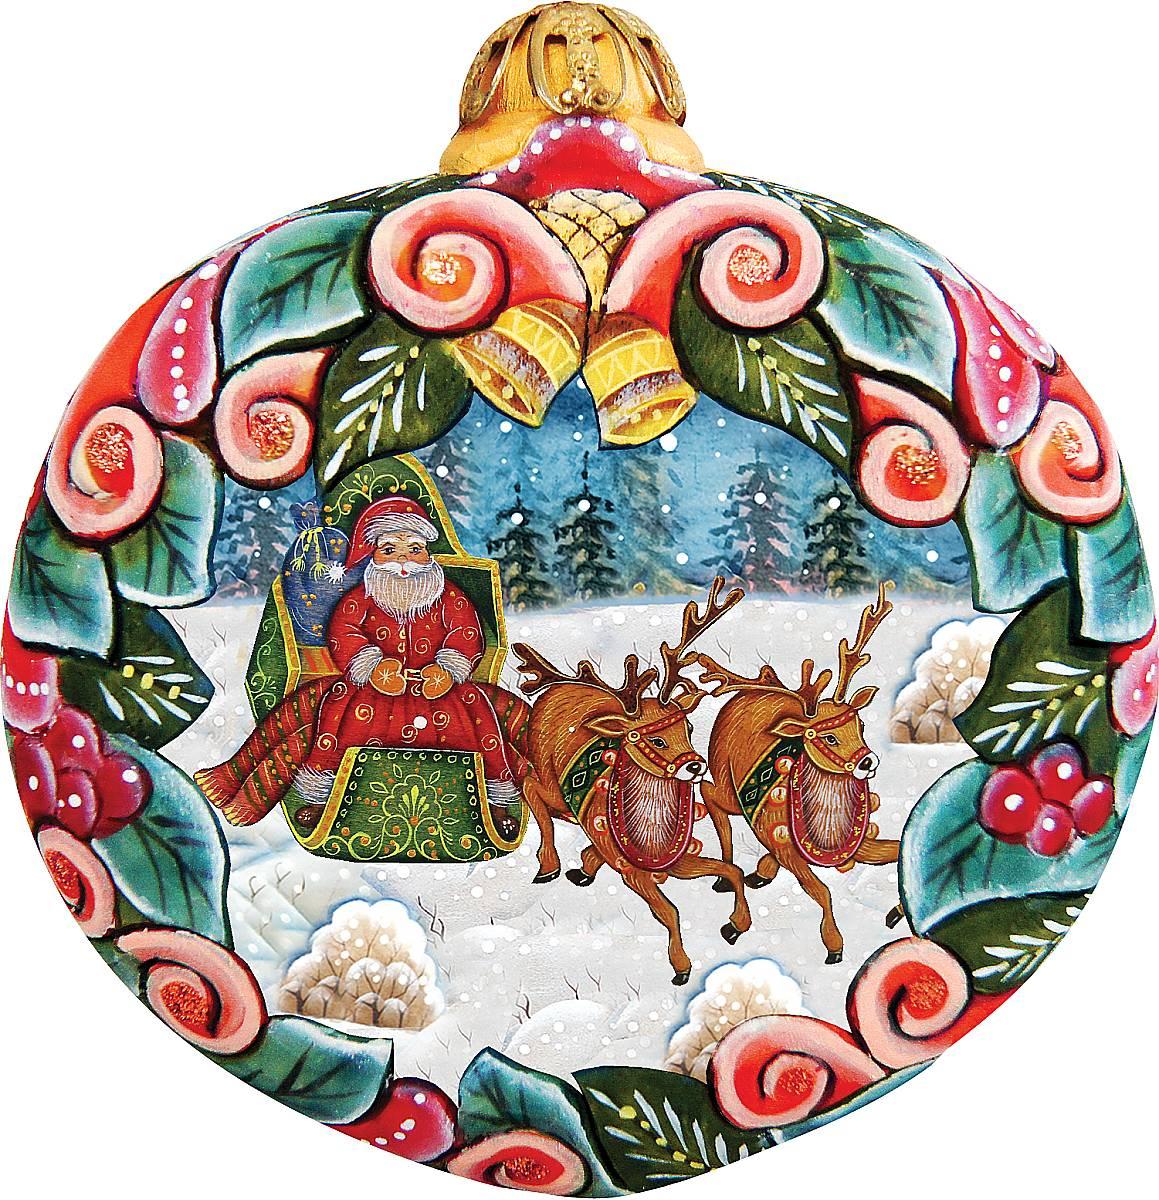 Украшение новогоднее подвесное Mister Christmas, высота 10 см. US 610313US 610313Коллекционное украшение Mister Christmas прекрасно подойдет для праздничного декора вашего дома. Изделие выполнено из полистоуна и креплением для подвешивания на елку. Новогодние украшения несут в себе волшебство и красоту праздника. Они помогут вам украсить дом к предстоящим праздникам и оживить интерьер. Создайте в доме атмосферу тепла, веселья и радости, украшая его всей семьей.Кроме того, такая игрушка станет приятным подарком, который надолго сохранит память этого волшебного времени года.Высота украшения: 10 см.